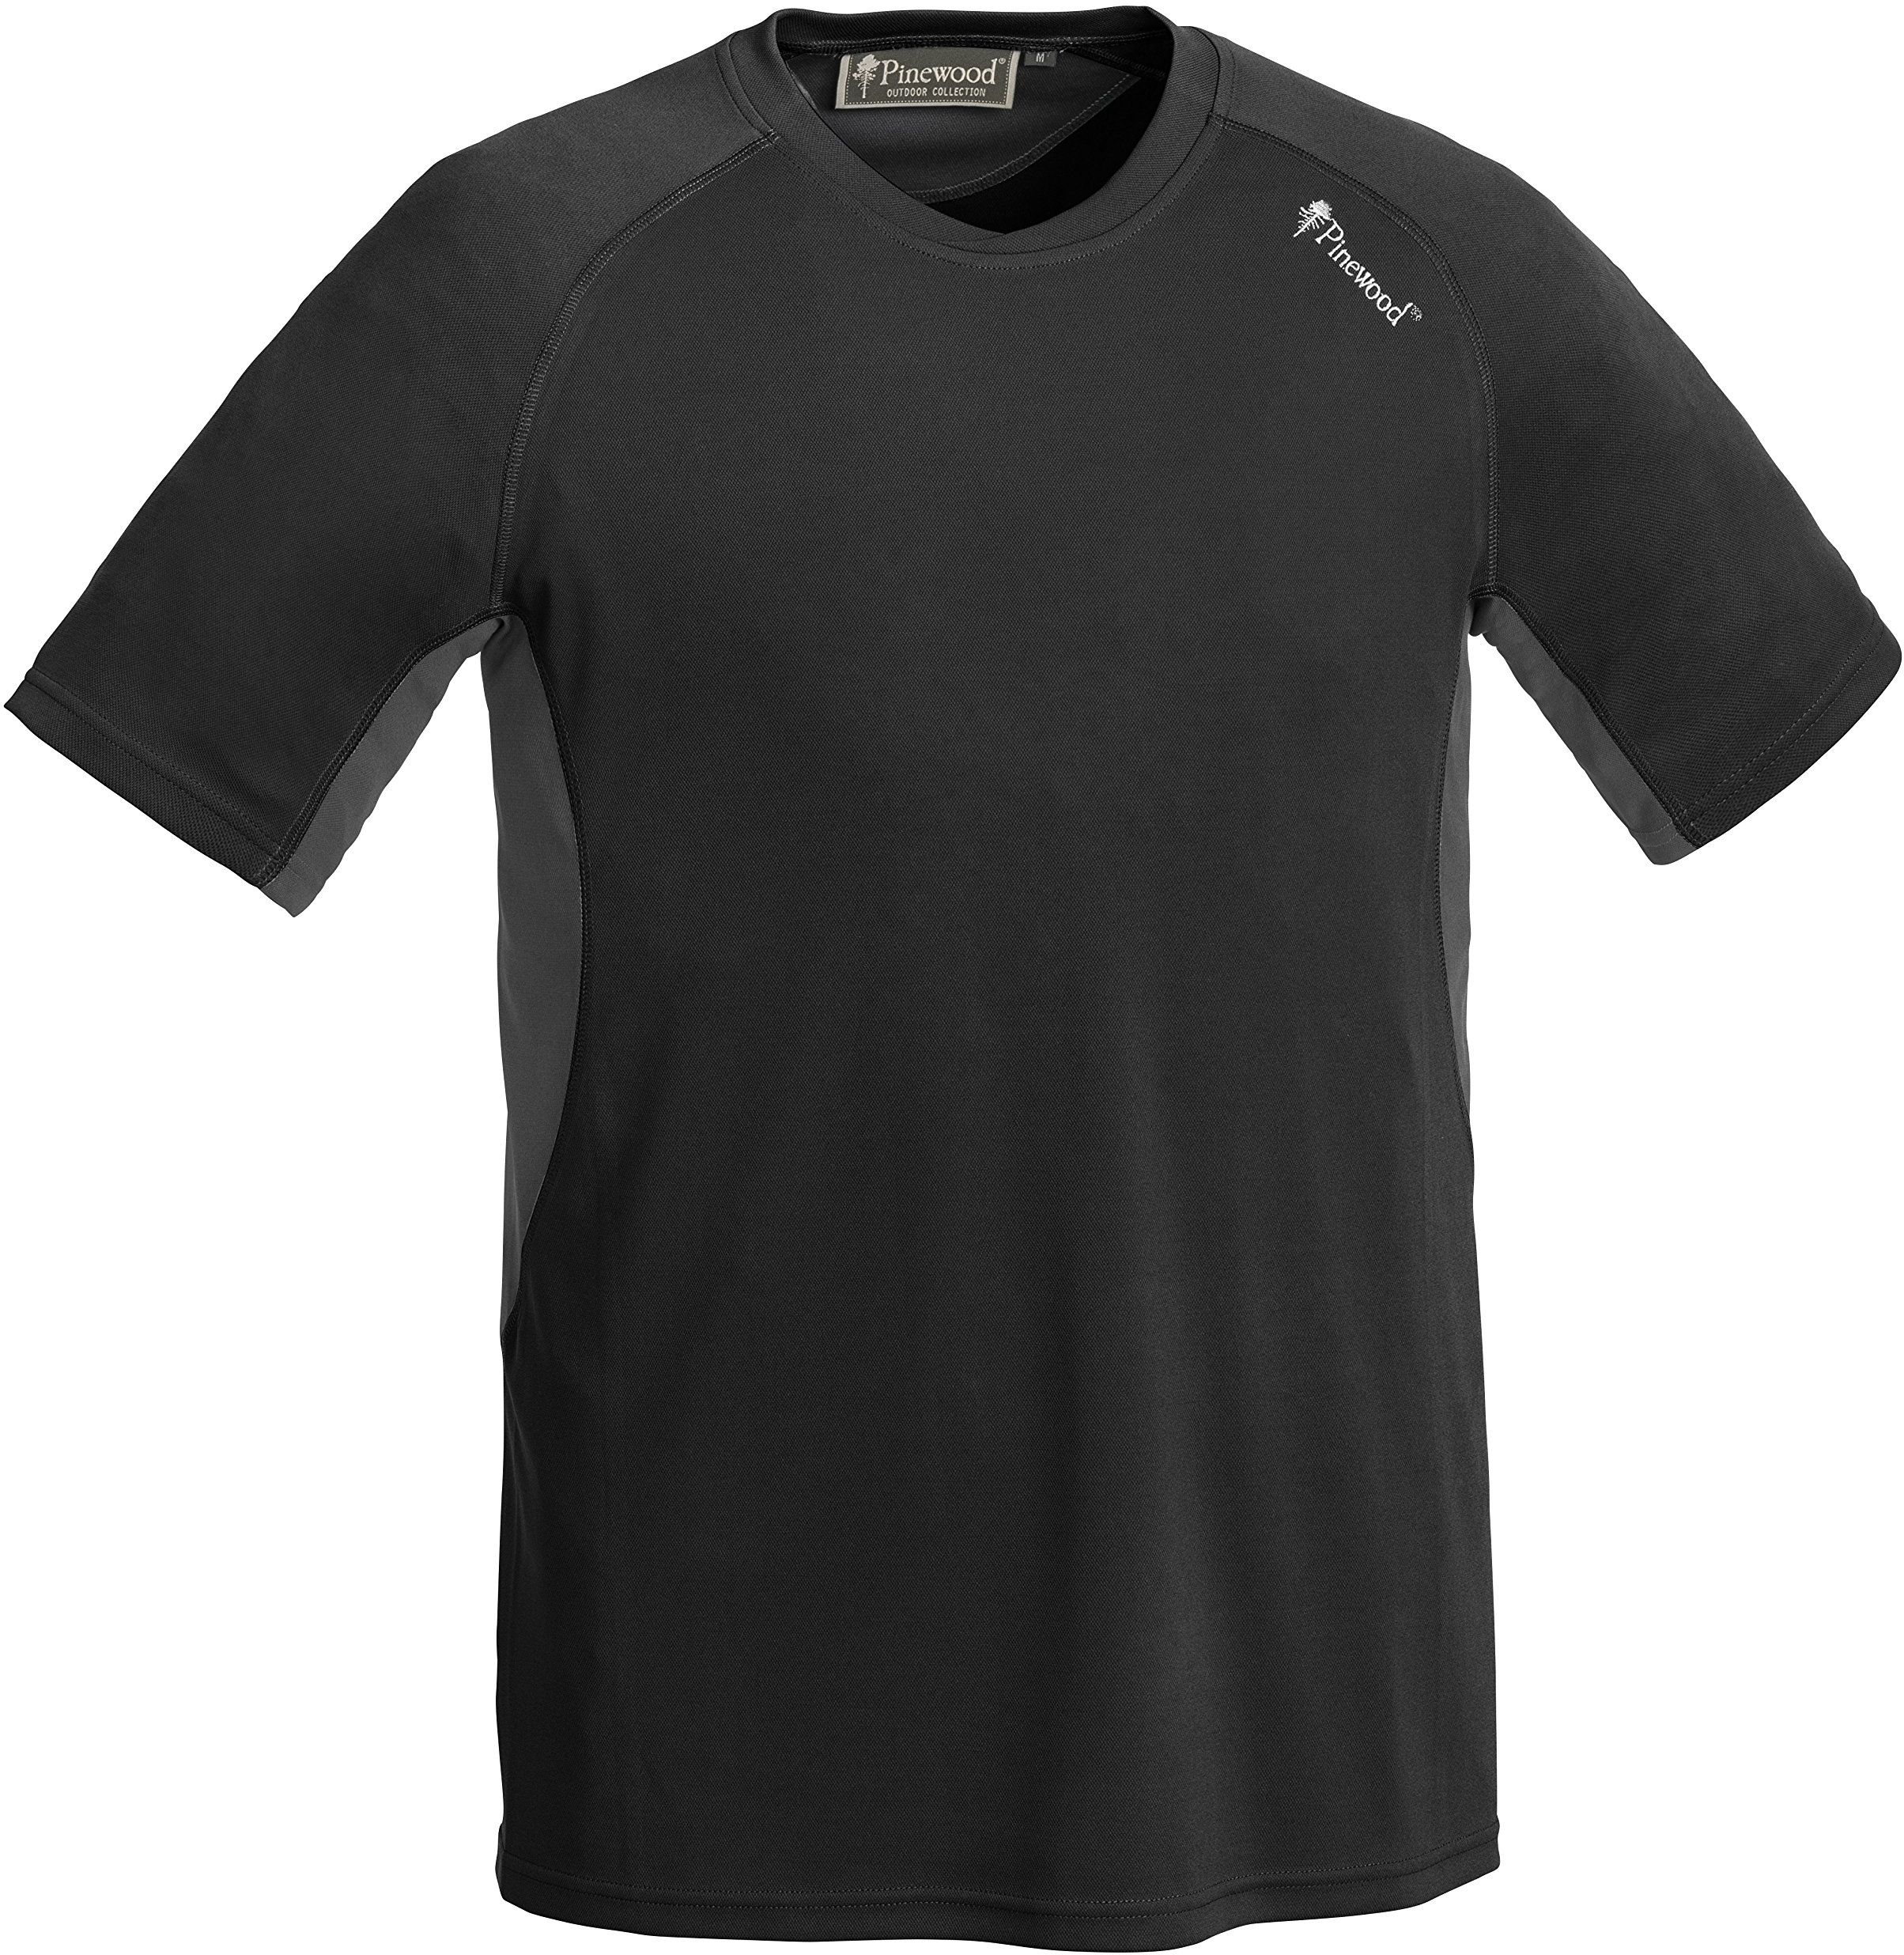 Pinewood Activ T-Shirt męski, czarny/szary, L